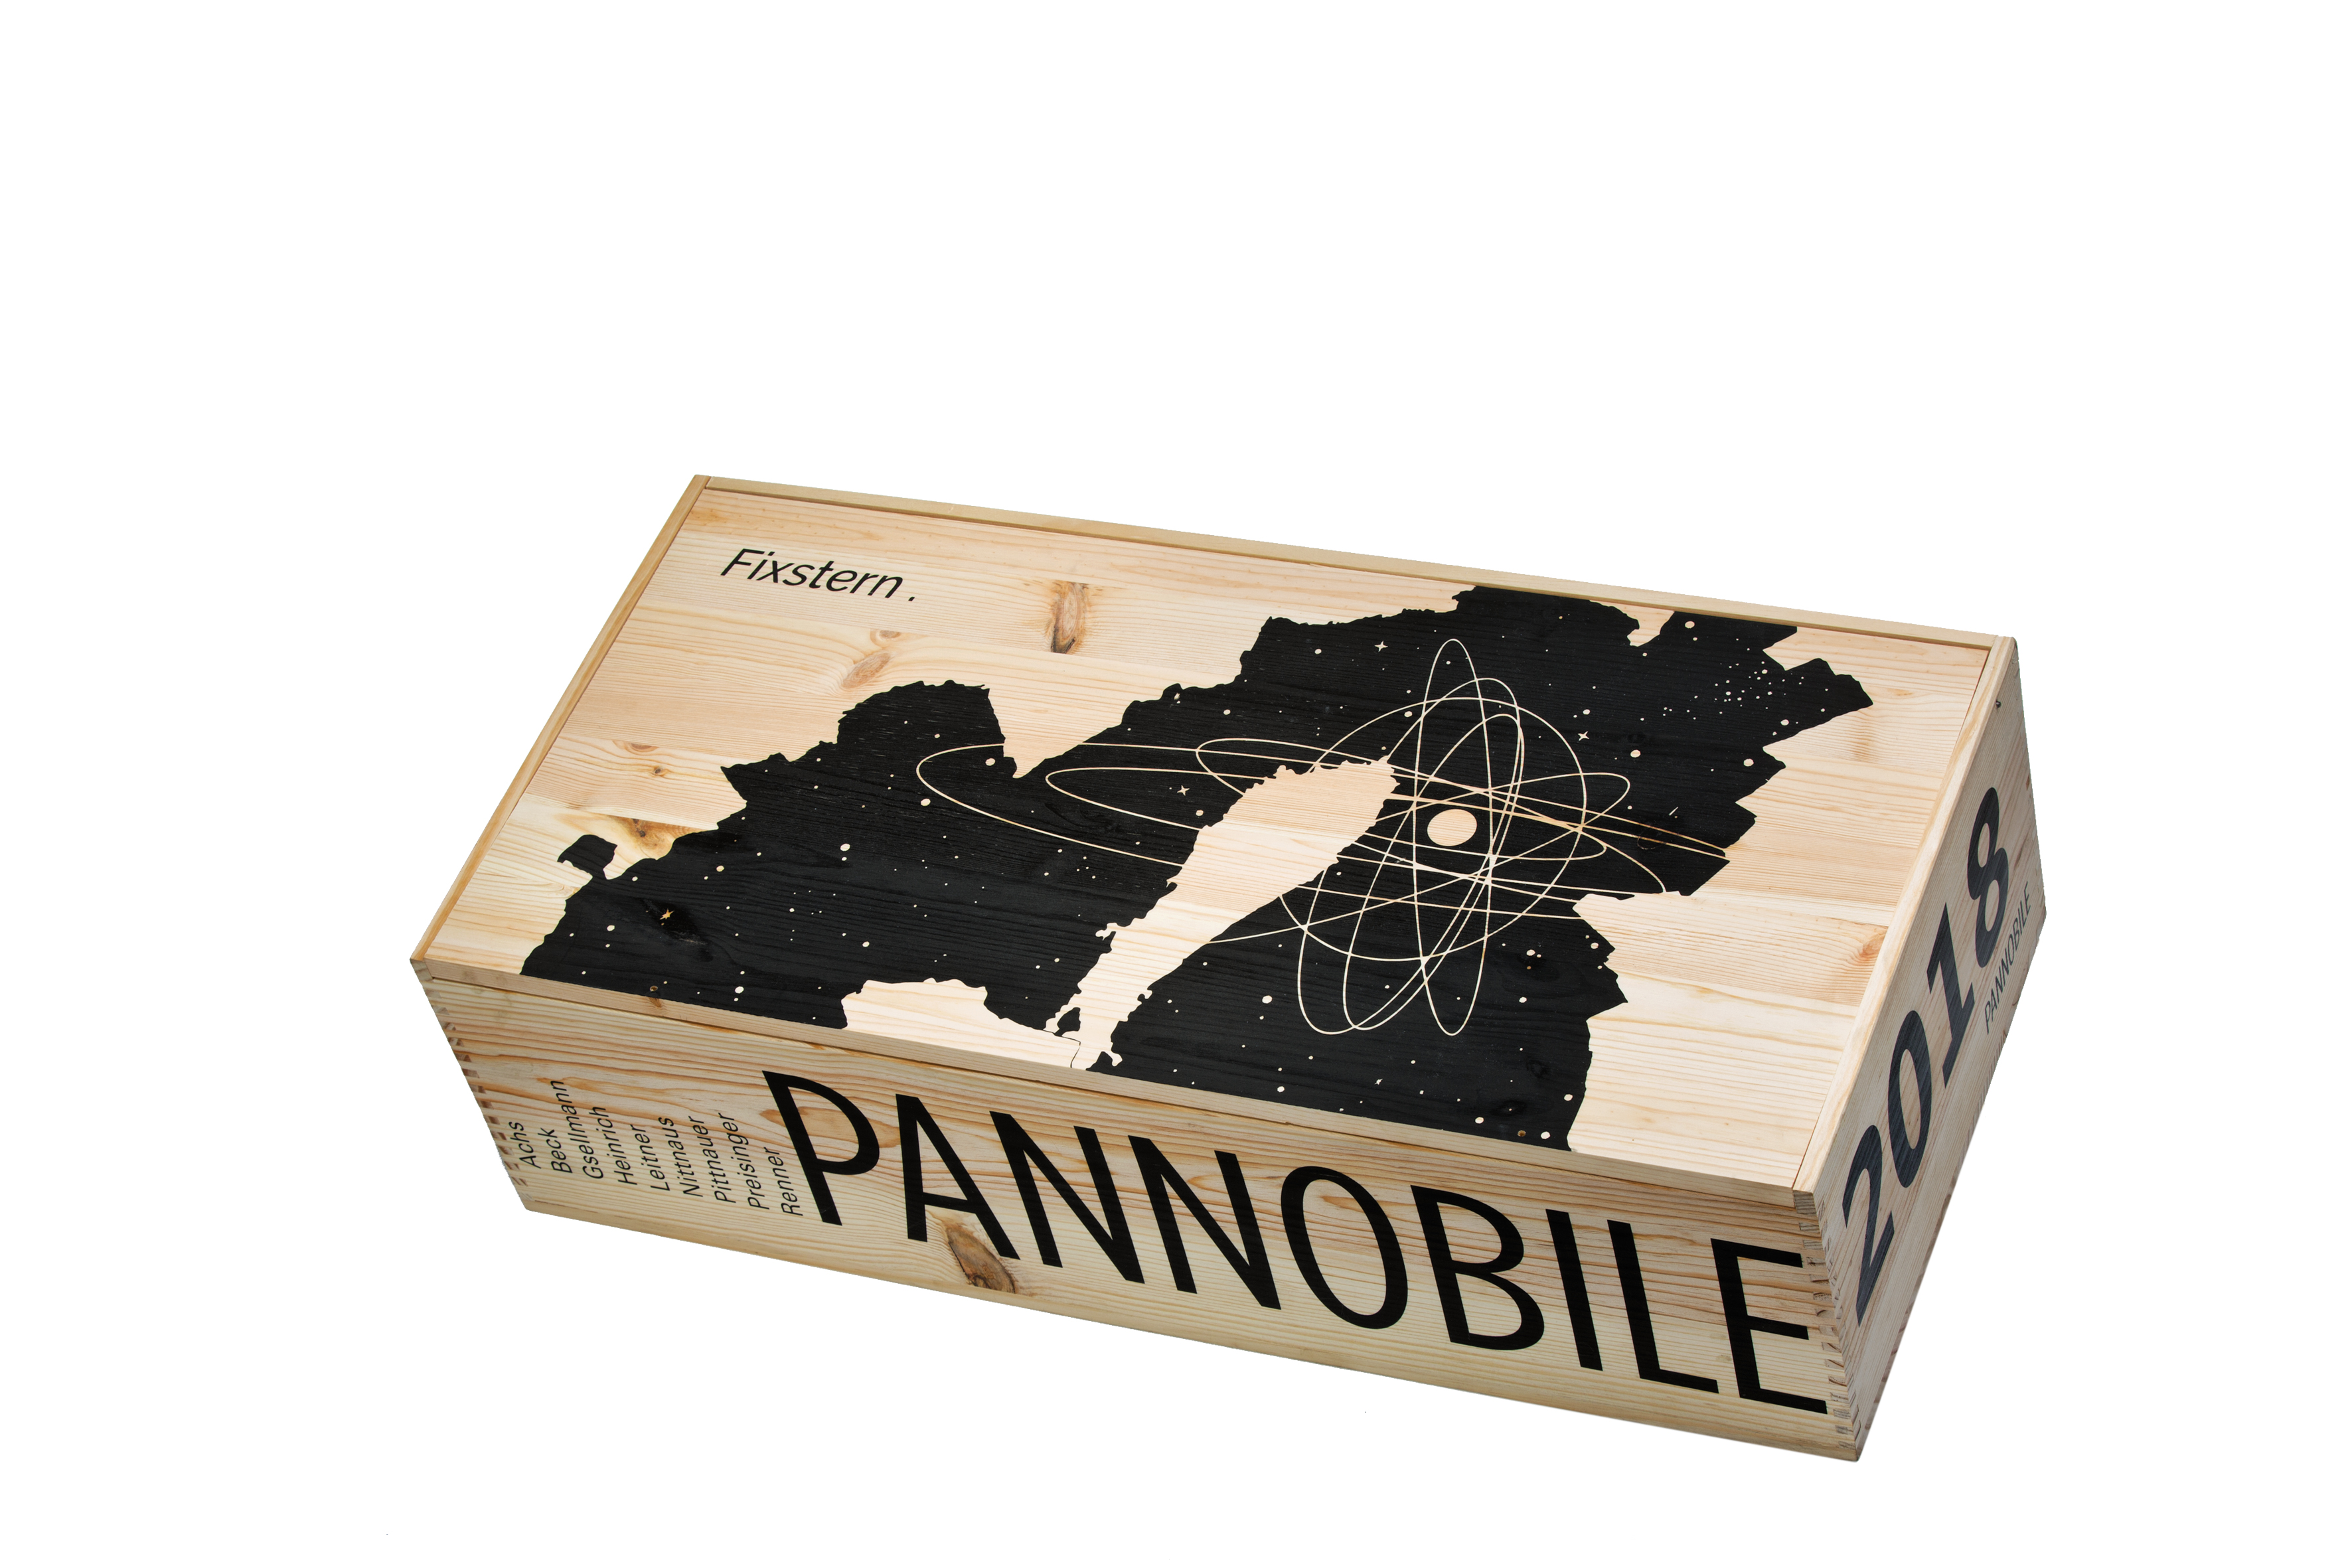 Pannobile Rot 2018 Winzer Paket Sammler Edition   / Renner & rennersistas